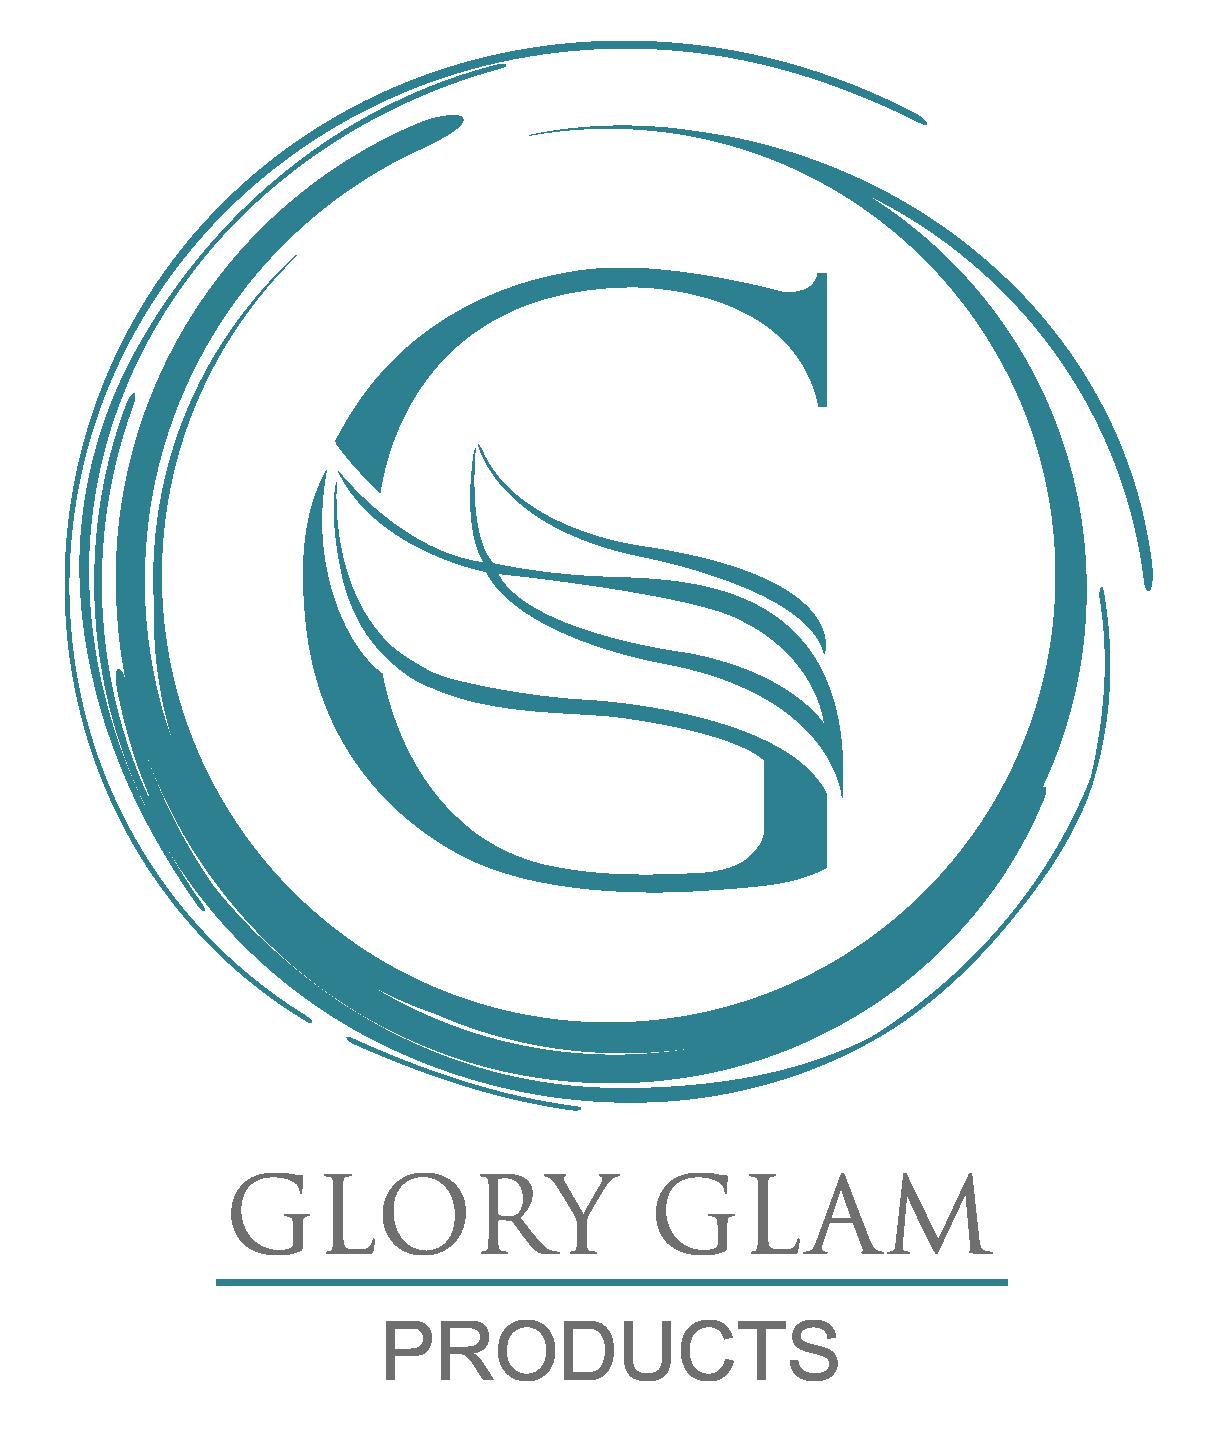 Glory Glam logo